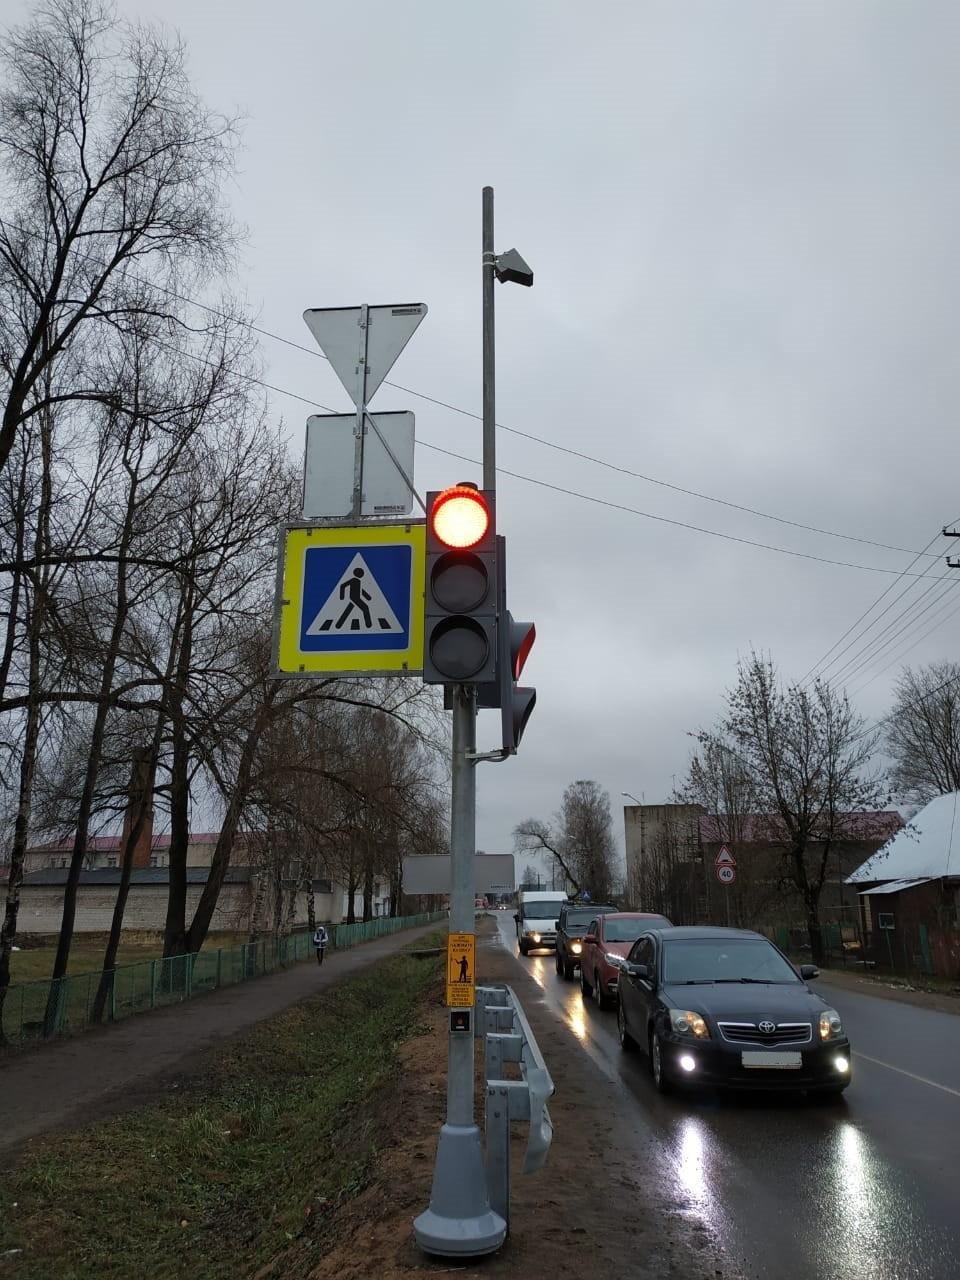 Фото: ФКУ Упрдор «Северо-Запад». Светофор установили на перекрестке центральных улиц города.